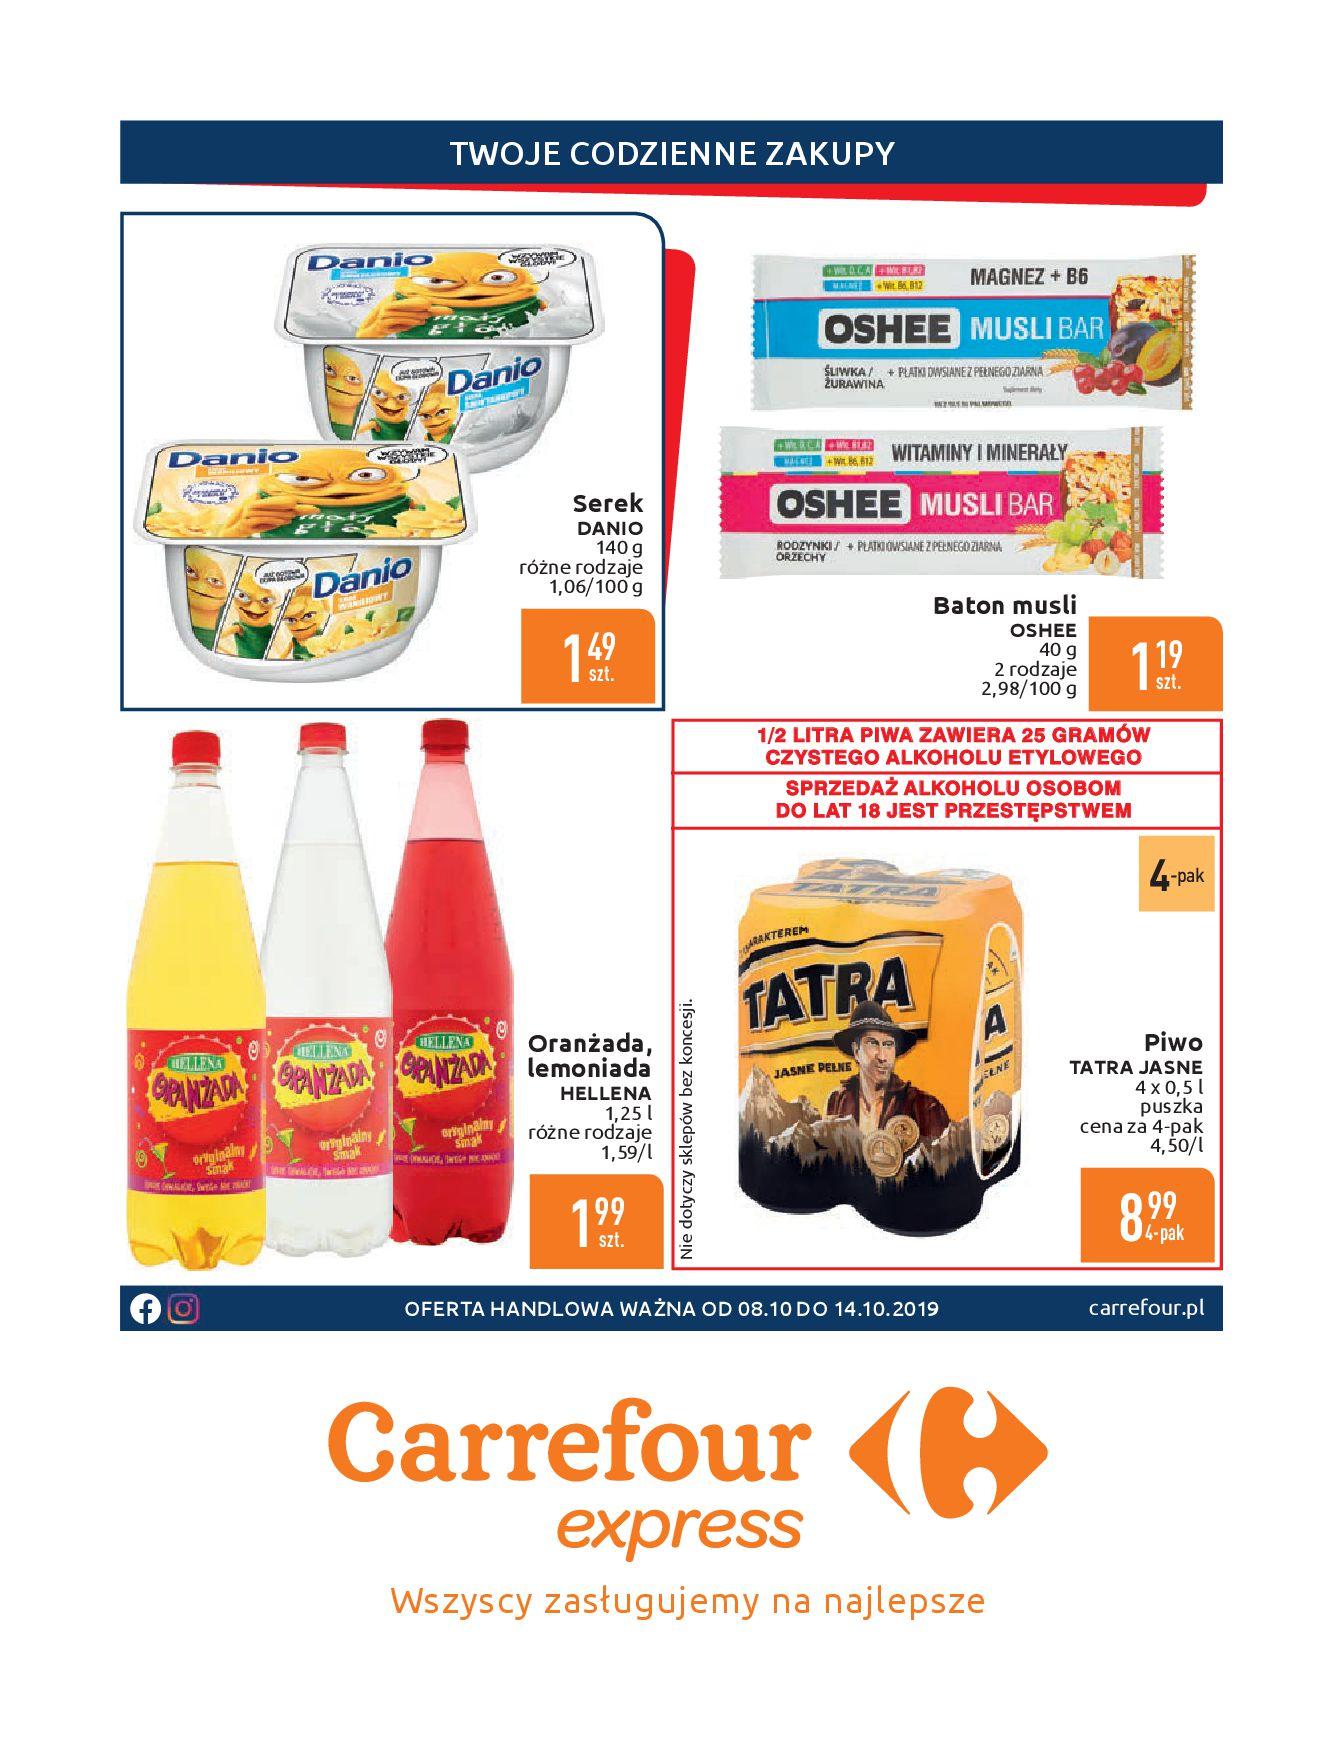 Gazetka Carrefour Express - Gdy zakupy rosną, to ceny maleją ekspresowo-07.10.2019-14.10.2019-page-2